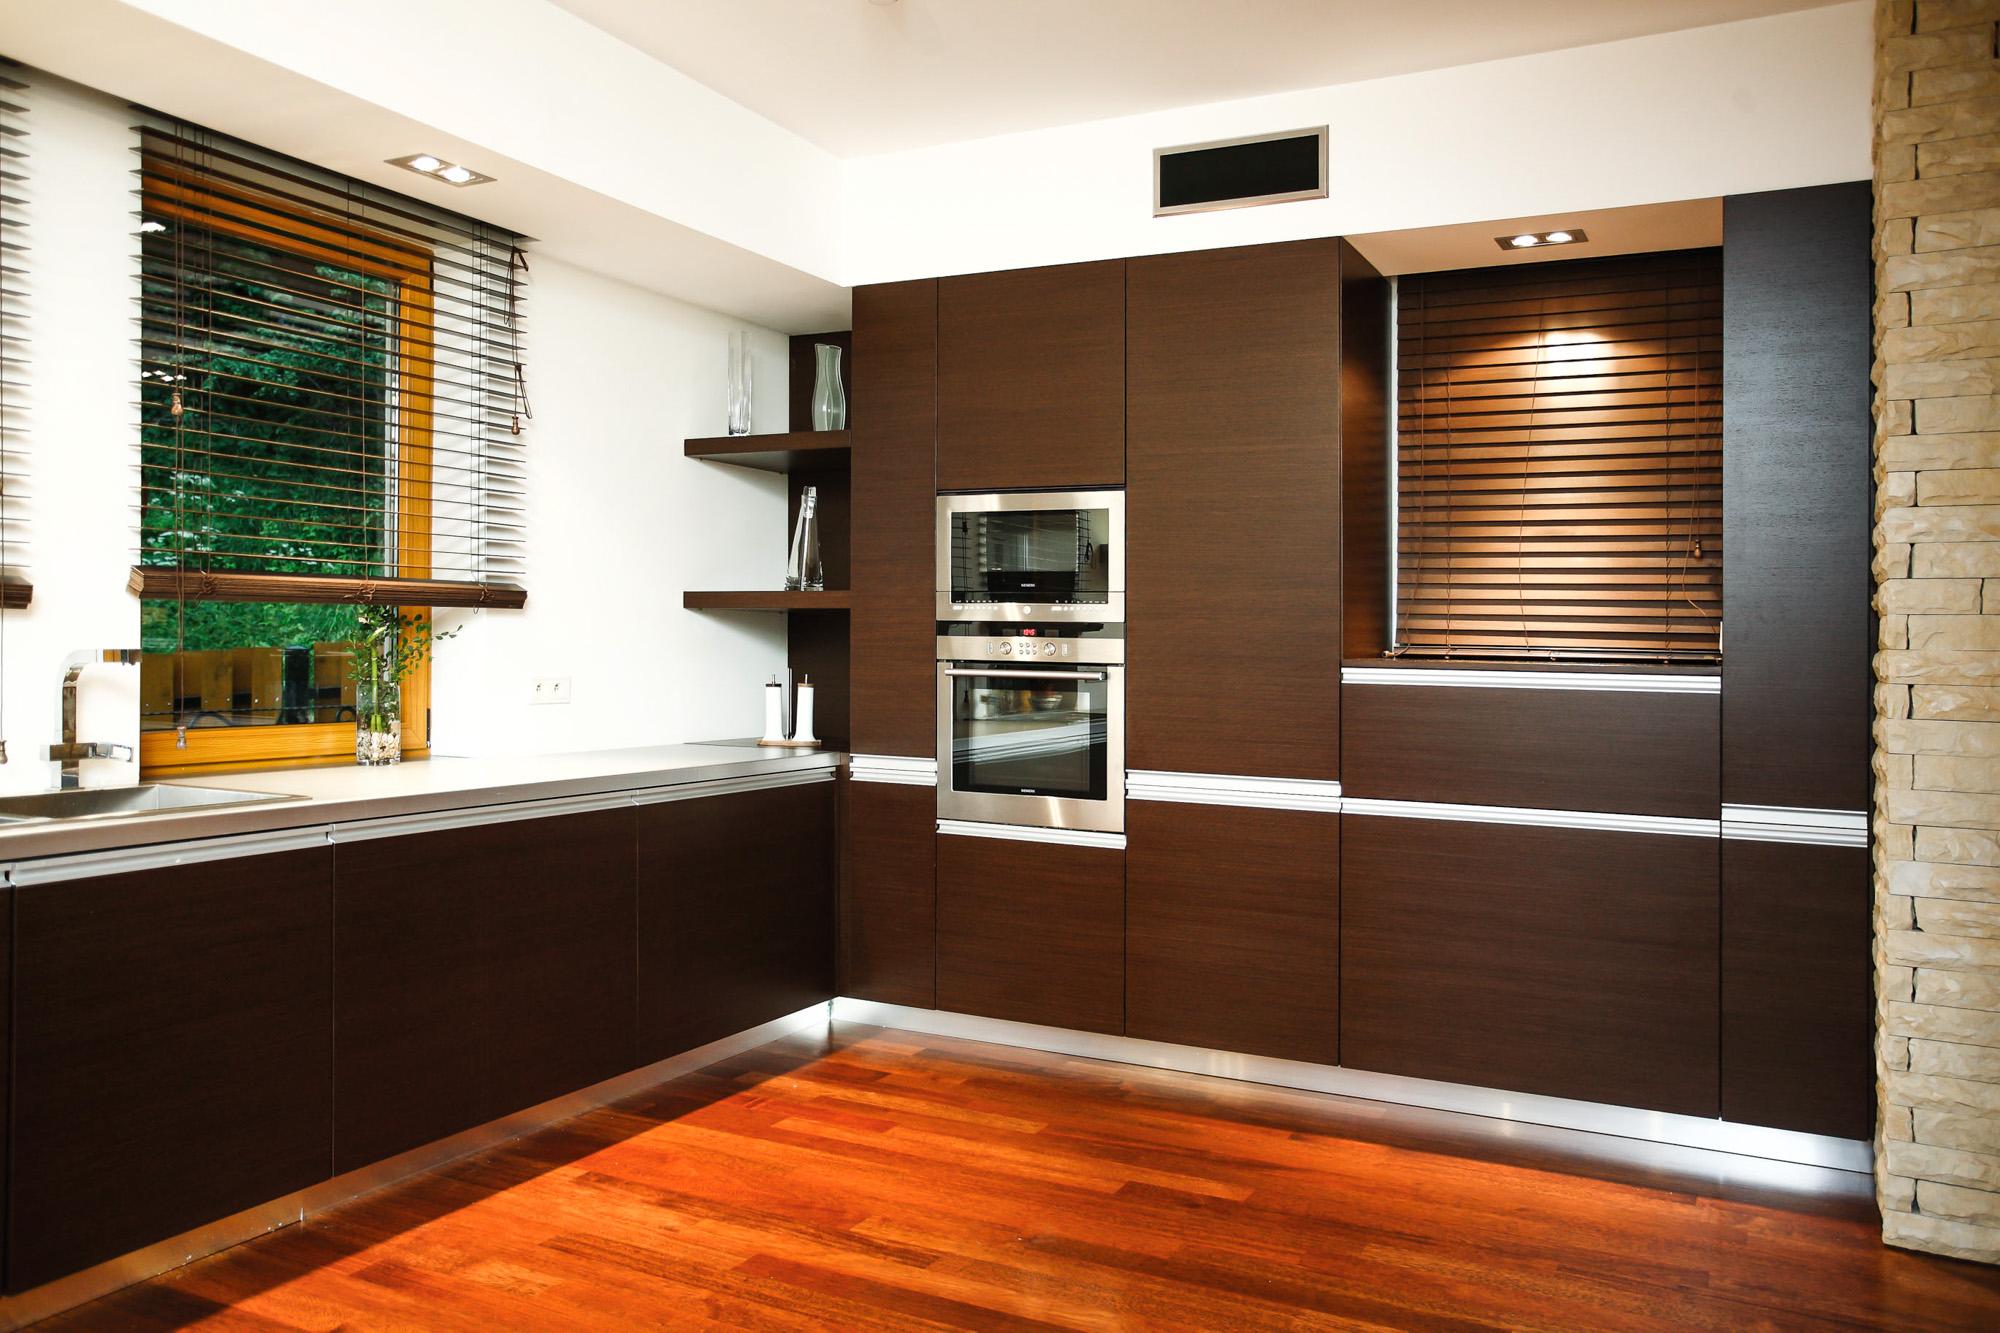 Kuchnia nowoczesna – dwie ściany zabudowy